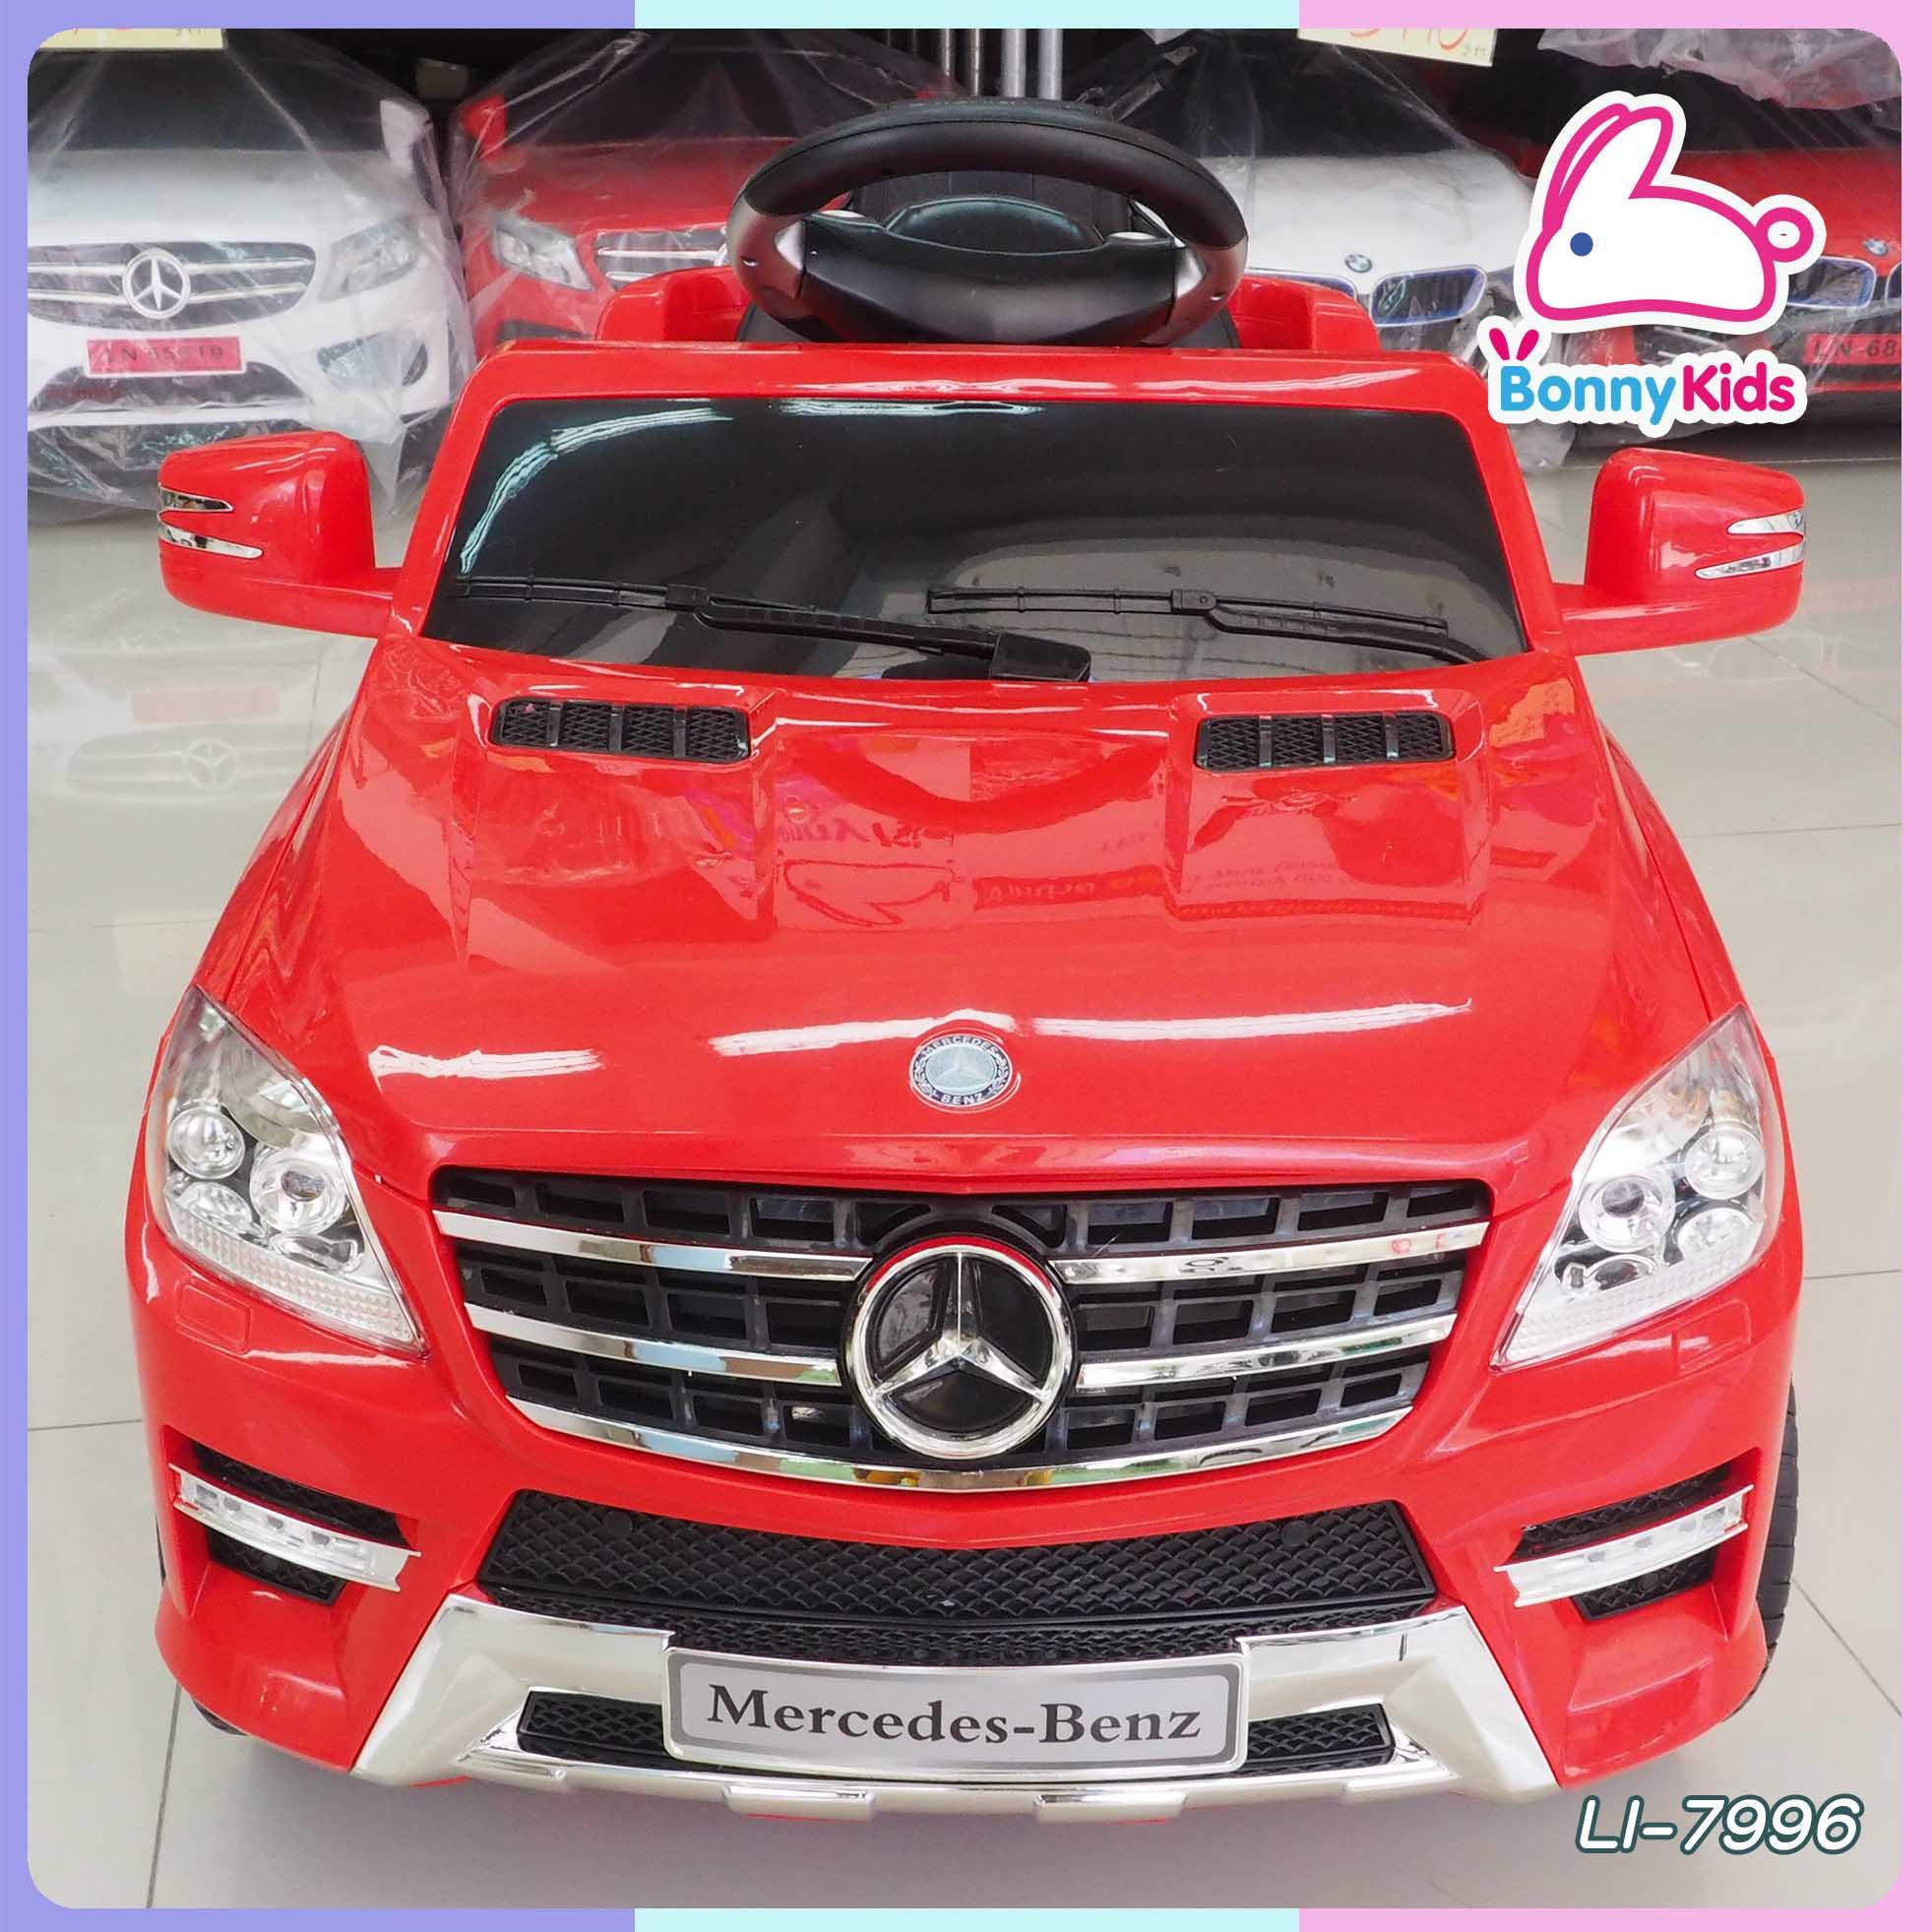 รถนั่งแบตเตอร์รี่ เบนซ์ SUV 1 มอเตอร์ มีรีโมท หรือบังคับเองได้